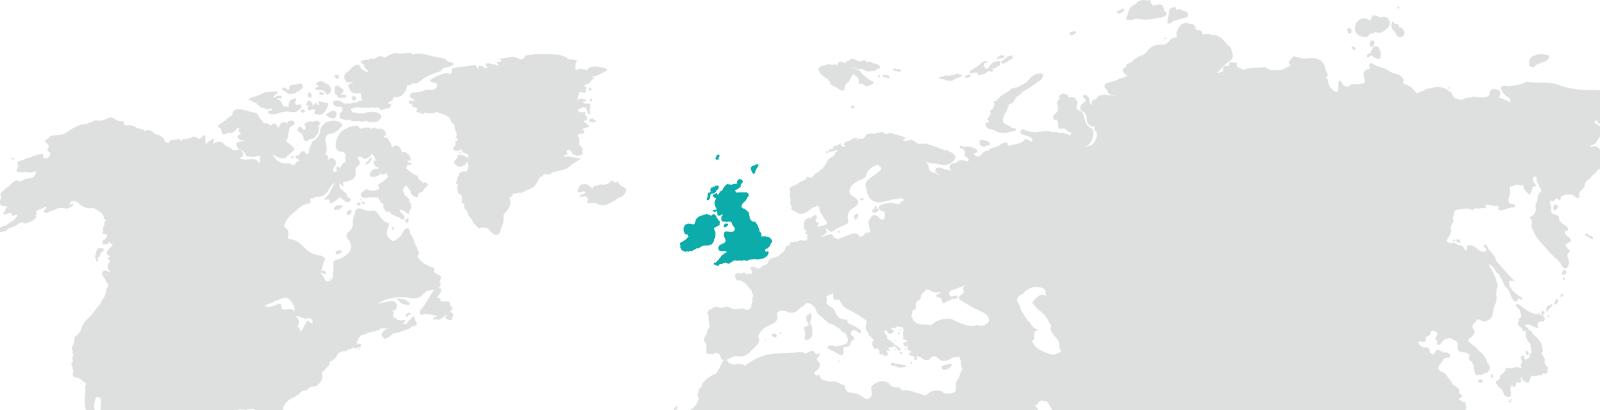 tacit-map